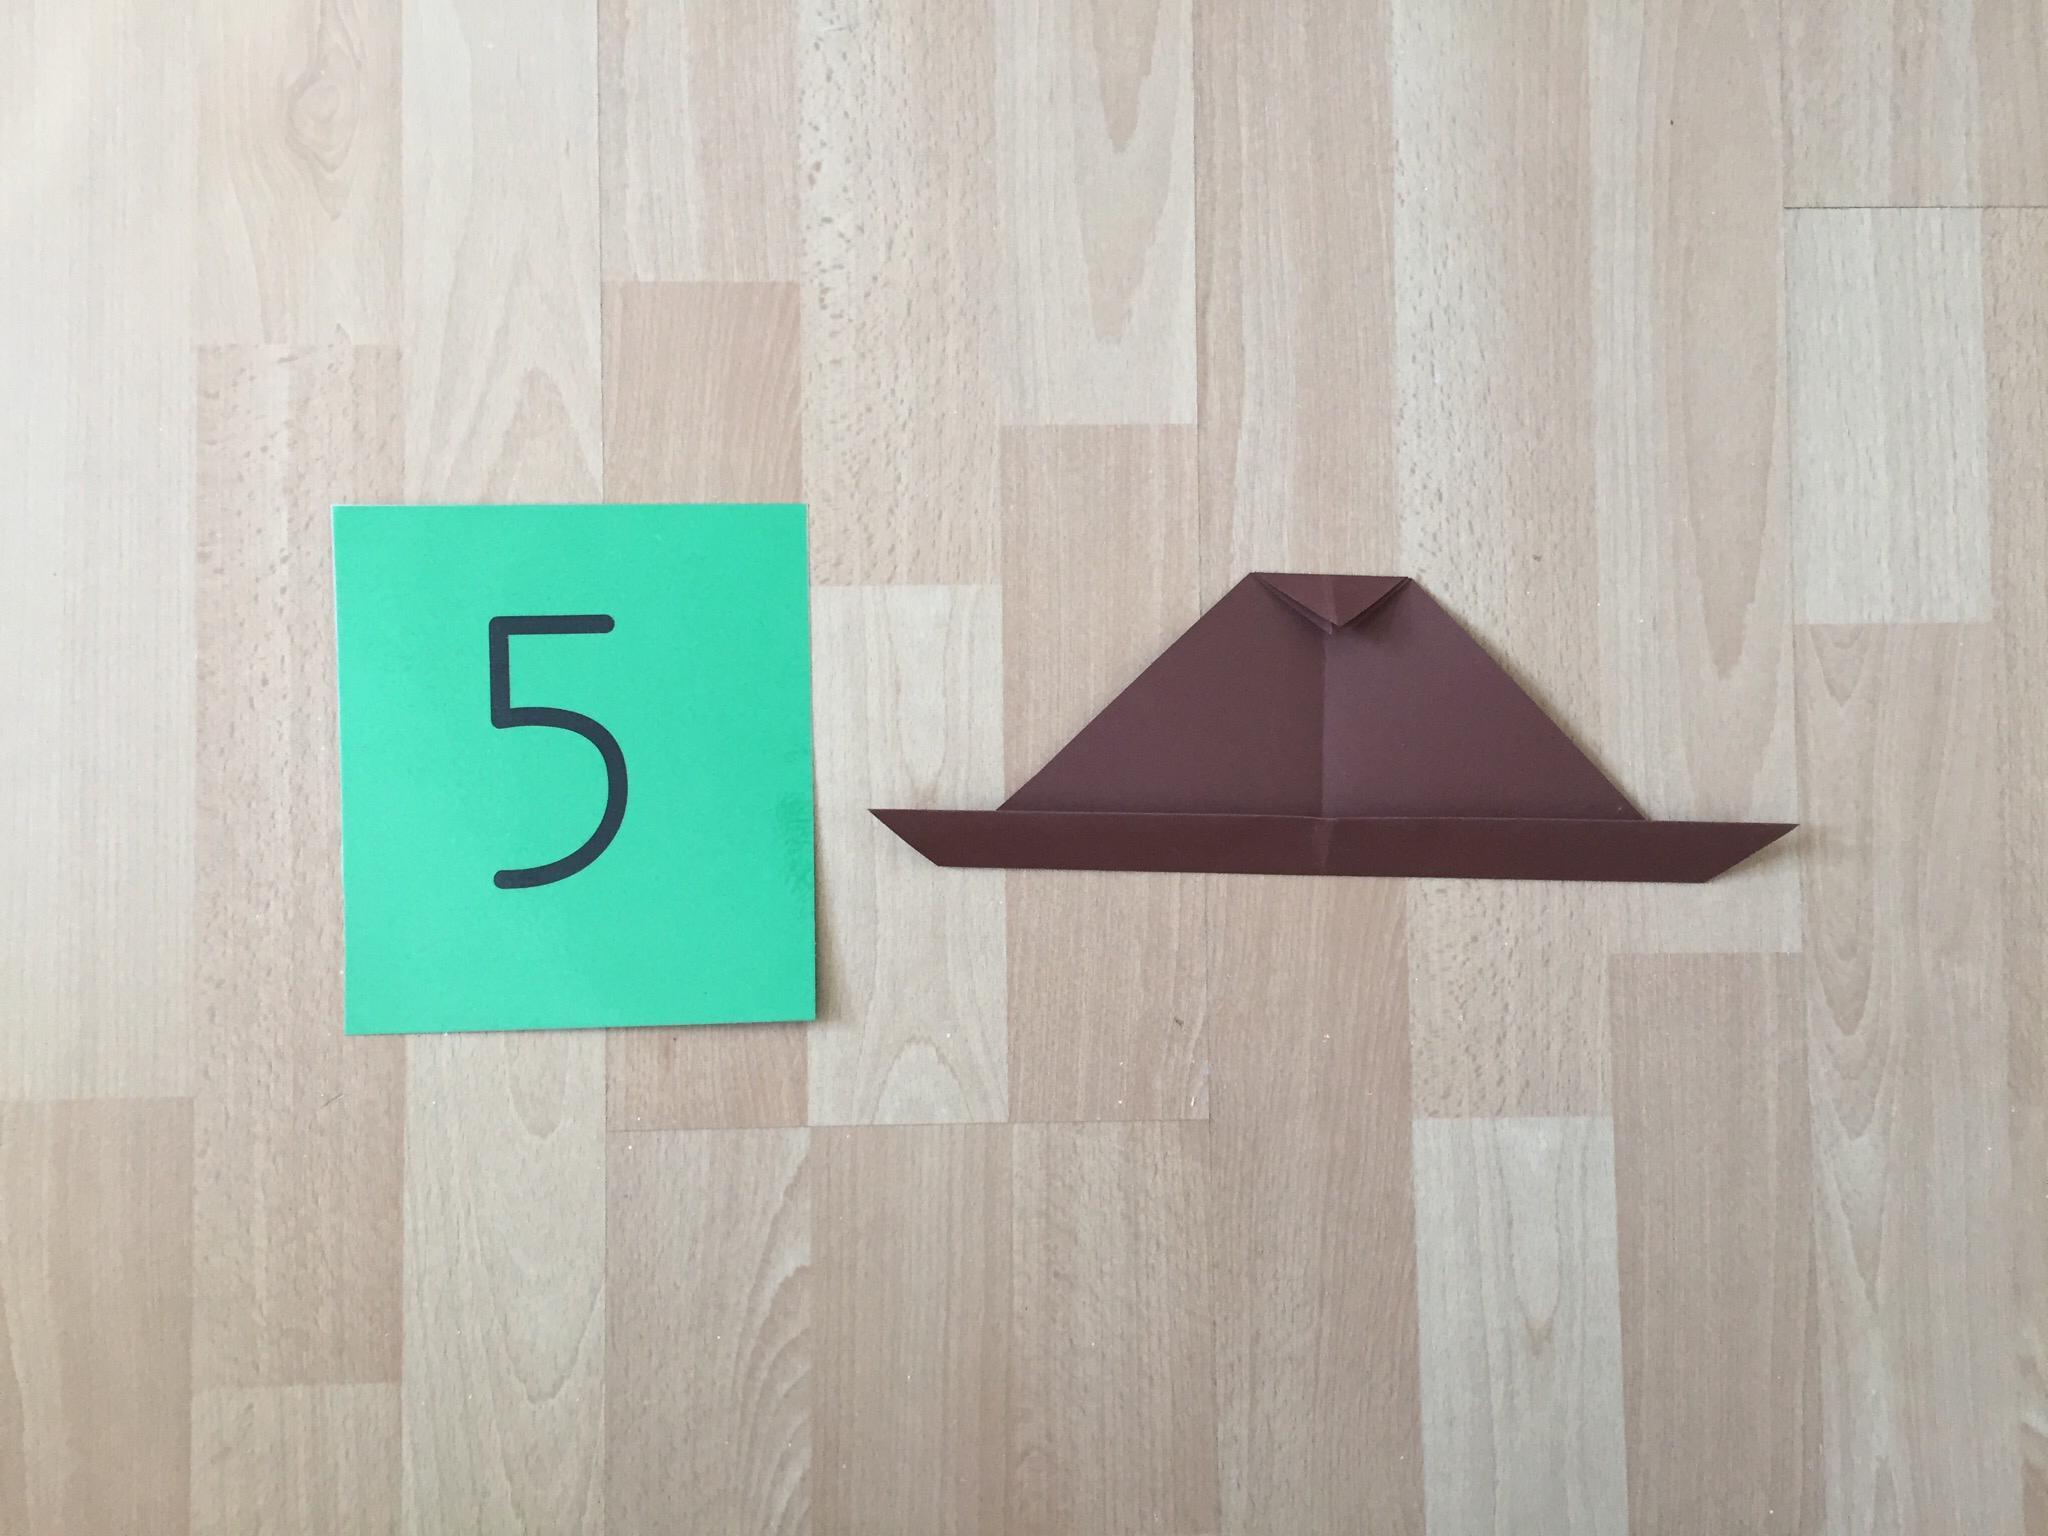 Das kleine Dreieck kannst du wieder zum grossen Dreieck auffalten, den Spitz und den unteren Rand nach innen falten.